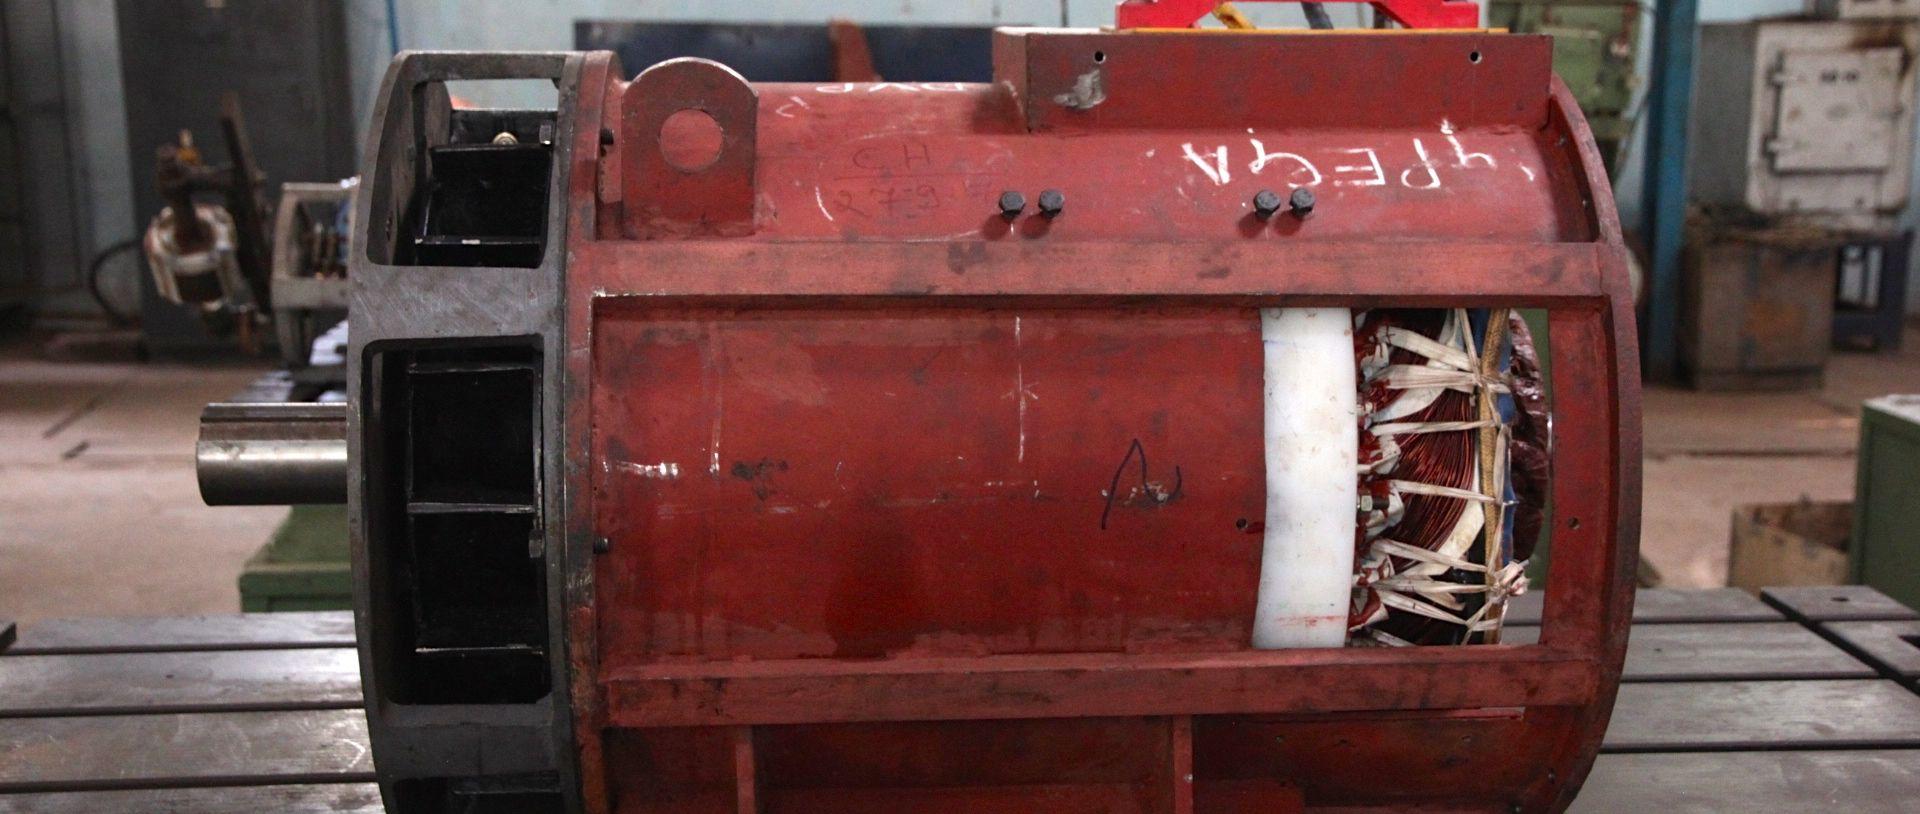 Tewari | Home of the Reactionless Generator (RLN)Tewari.org | Since 1997 – High Efficiency Reactionless Generator (RLG)